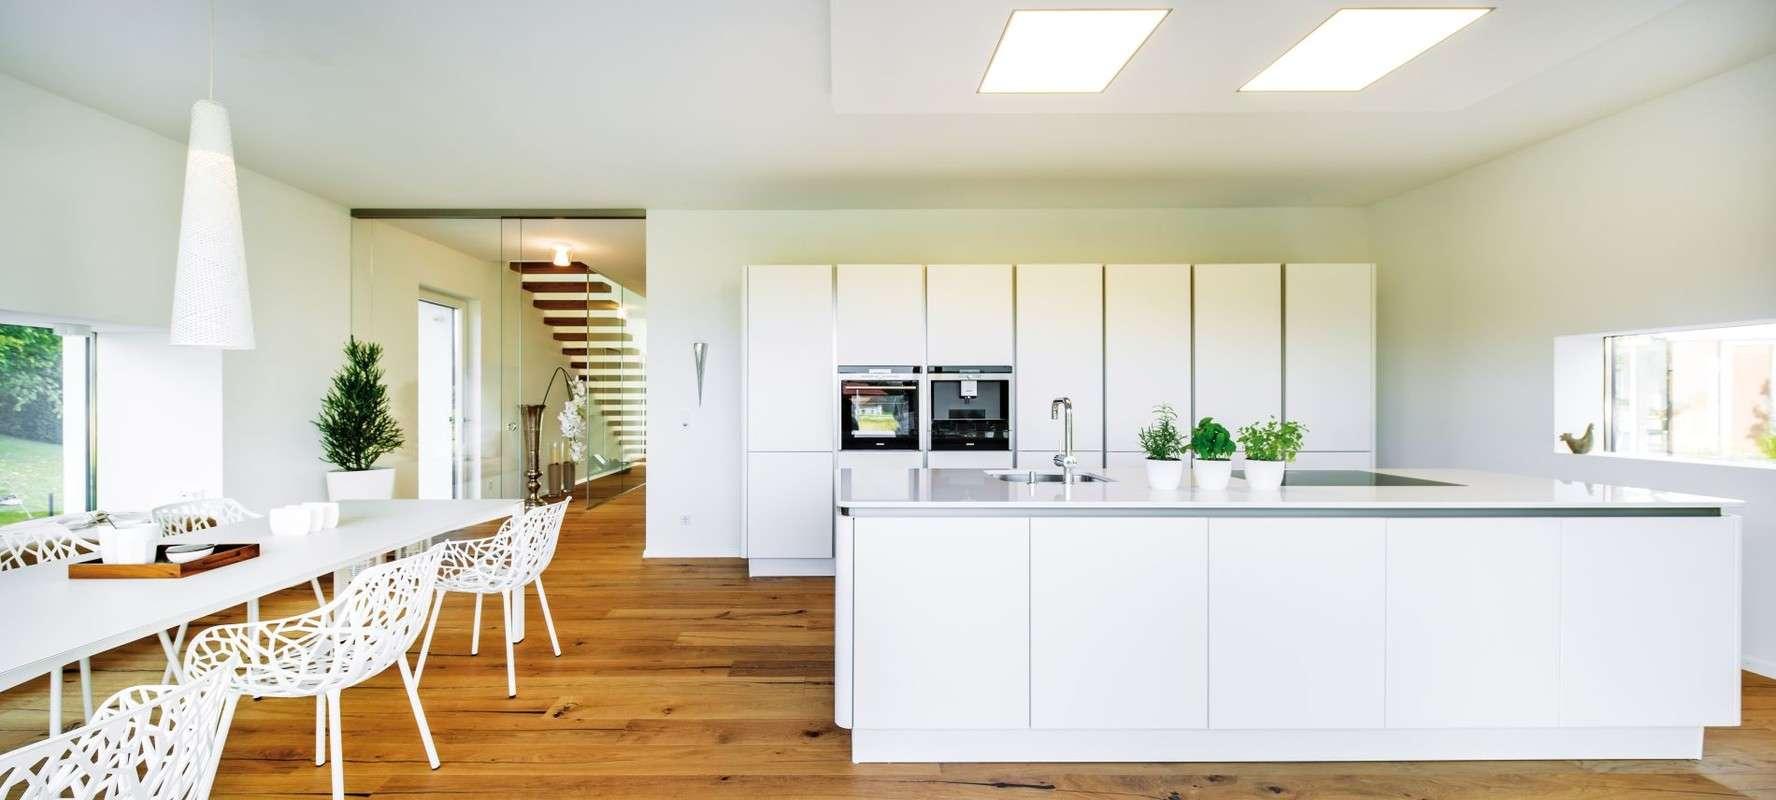 Das oft turbulente Leben einer Familie spielt sich im Erdgeschoss, dem zentralen Treffpunkt des Hauses, ab. Hier befinden sich der offene Koch- und Essbereich, ein WC, ein Gästezimmer und ein Büro.